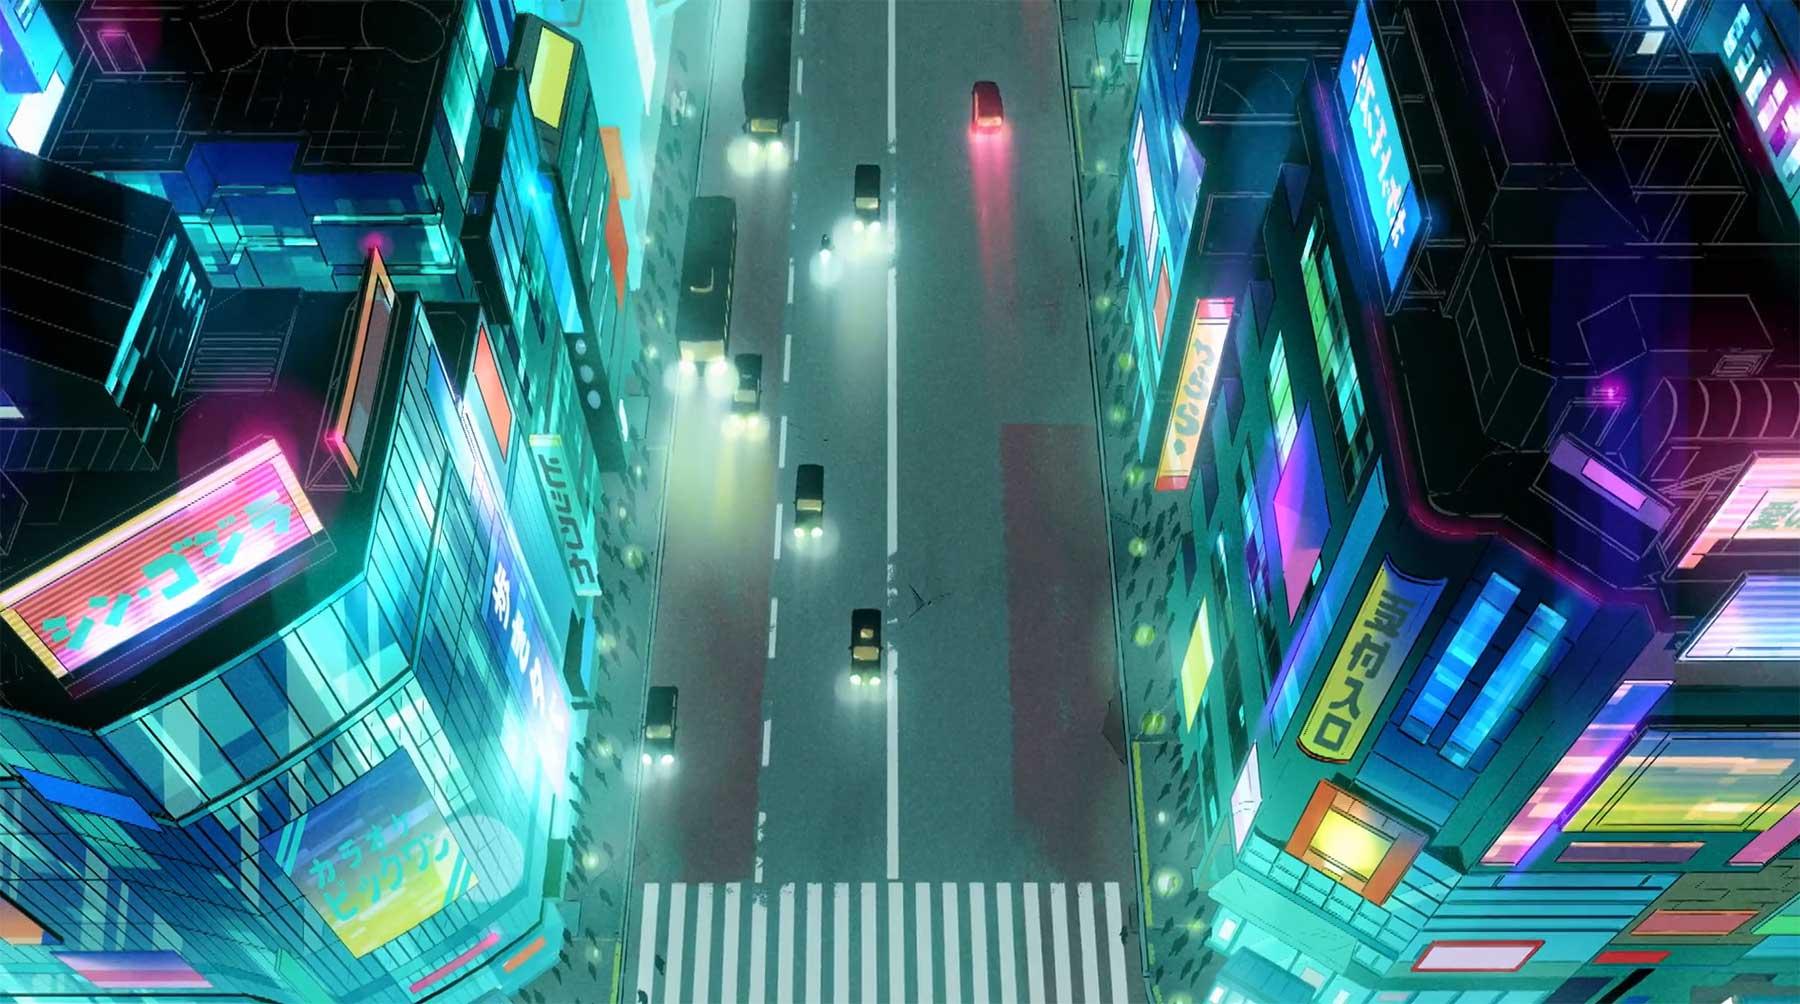 Cool animierter Kurzkurzfilm: Shibuya (Ghost II) shibuya-animierter-kurzfilm